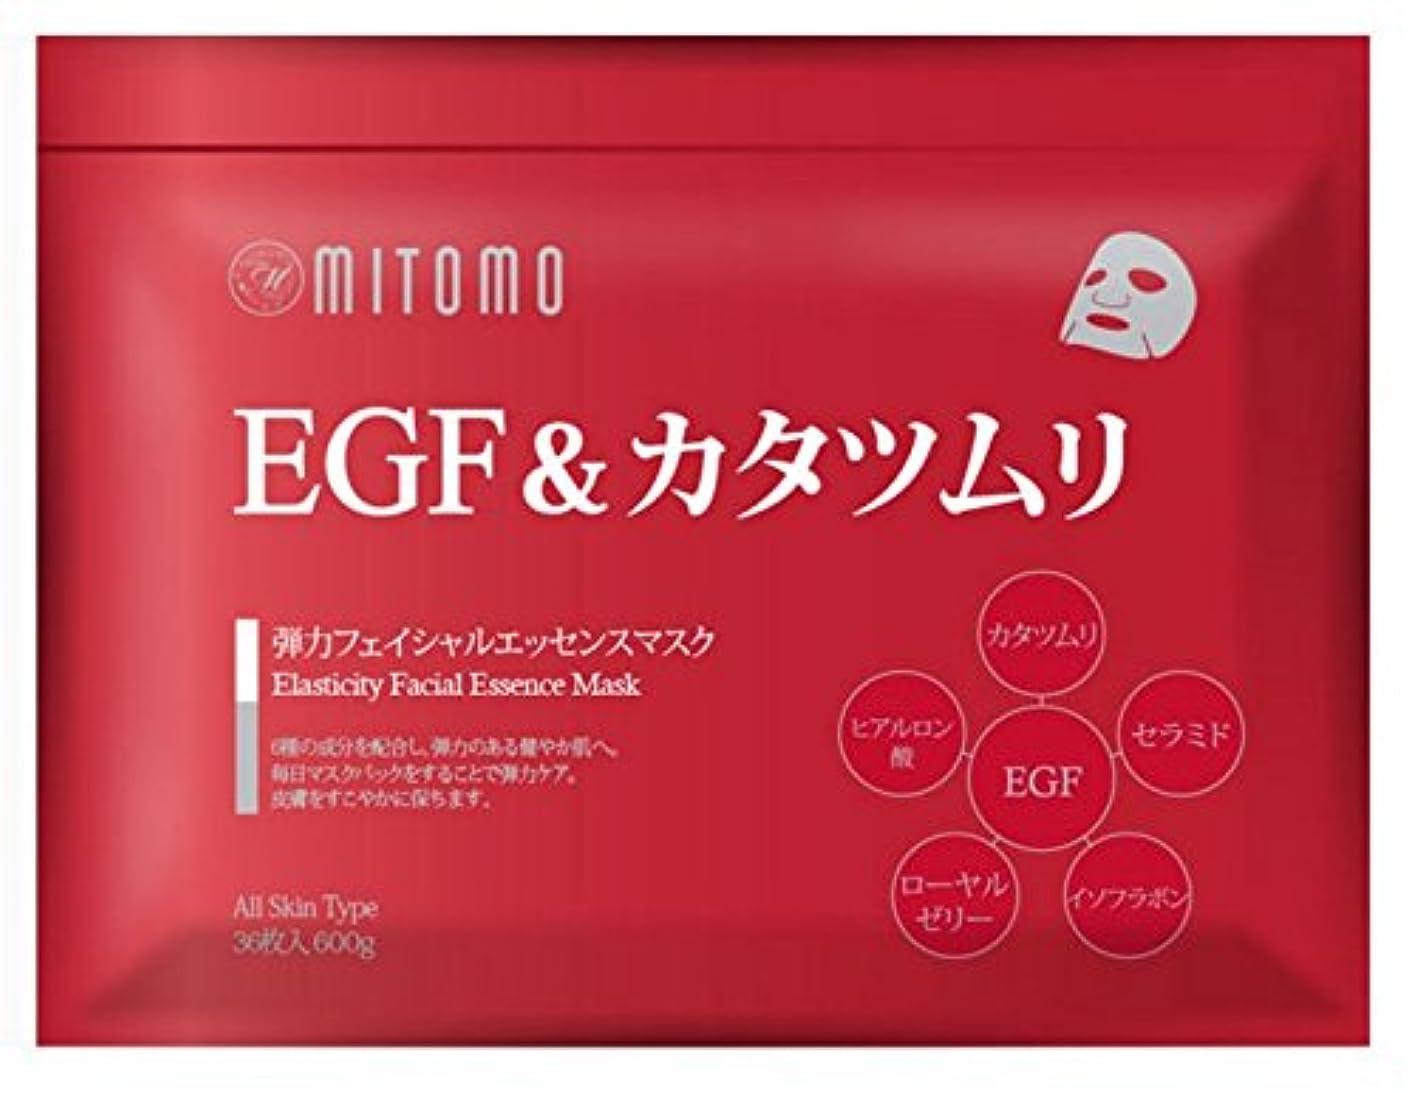 過半数疎外究極の【MITOMO/美友】フェイスマスク?シートマスク【MT001-E-0】EGF&カタツムリ36枚入